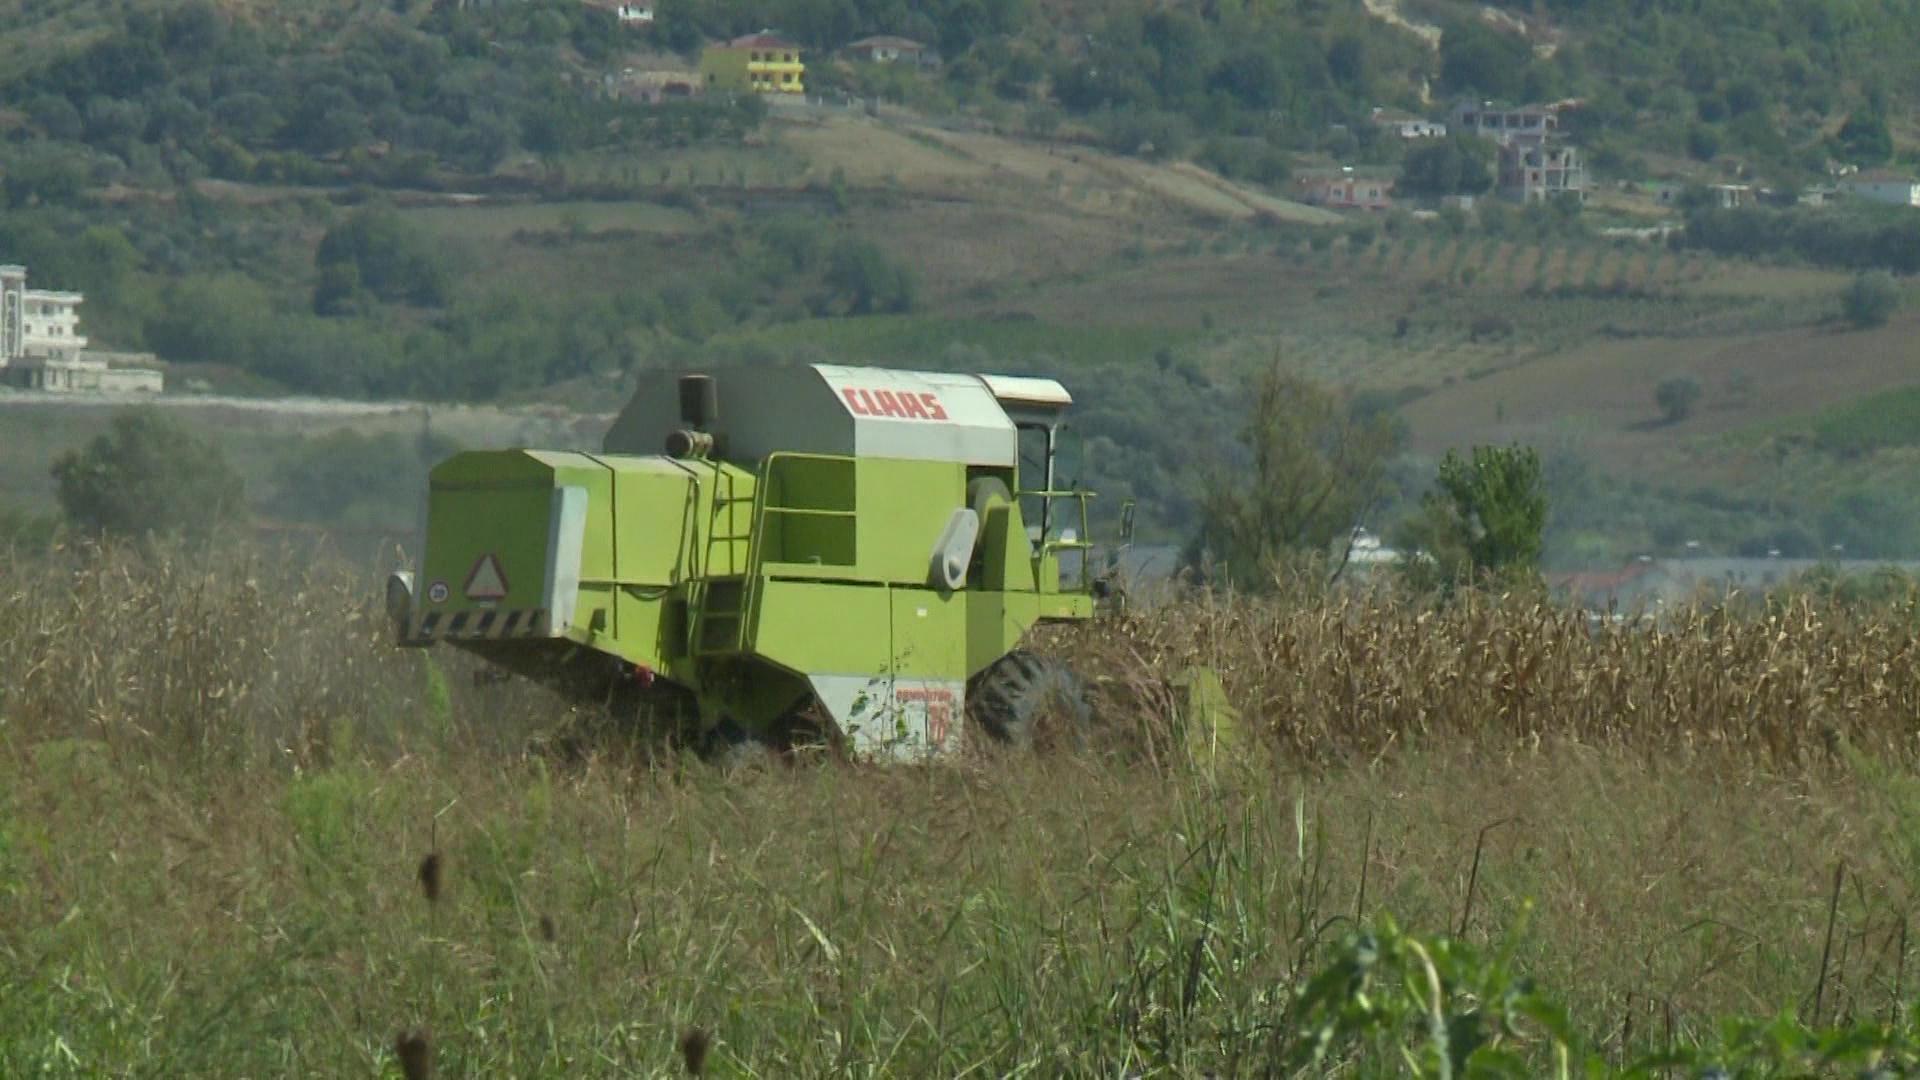 BE dritë jeshile bujqësisë shqiptare/Peleshi: 94 milionë euro për fermerët